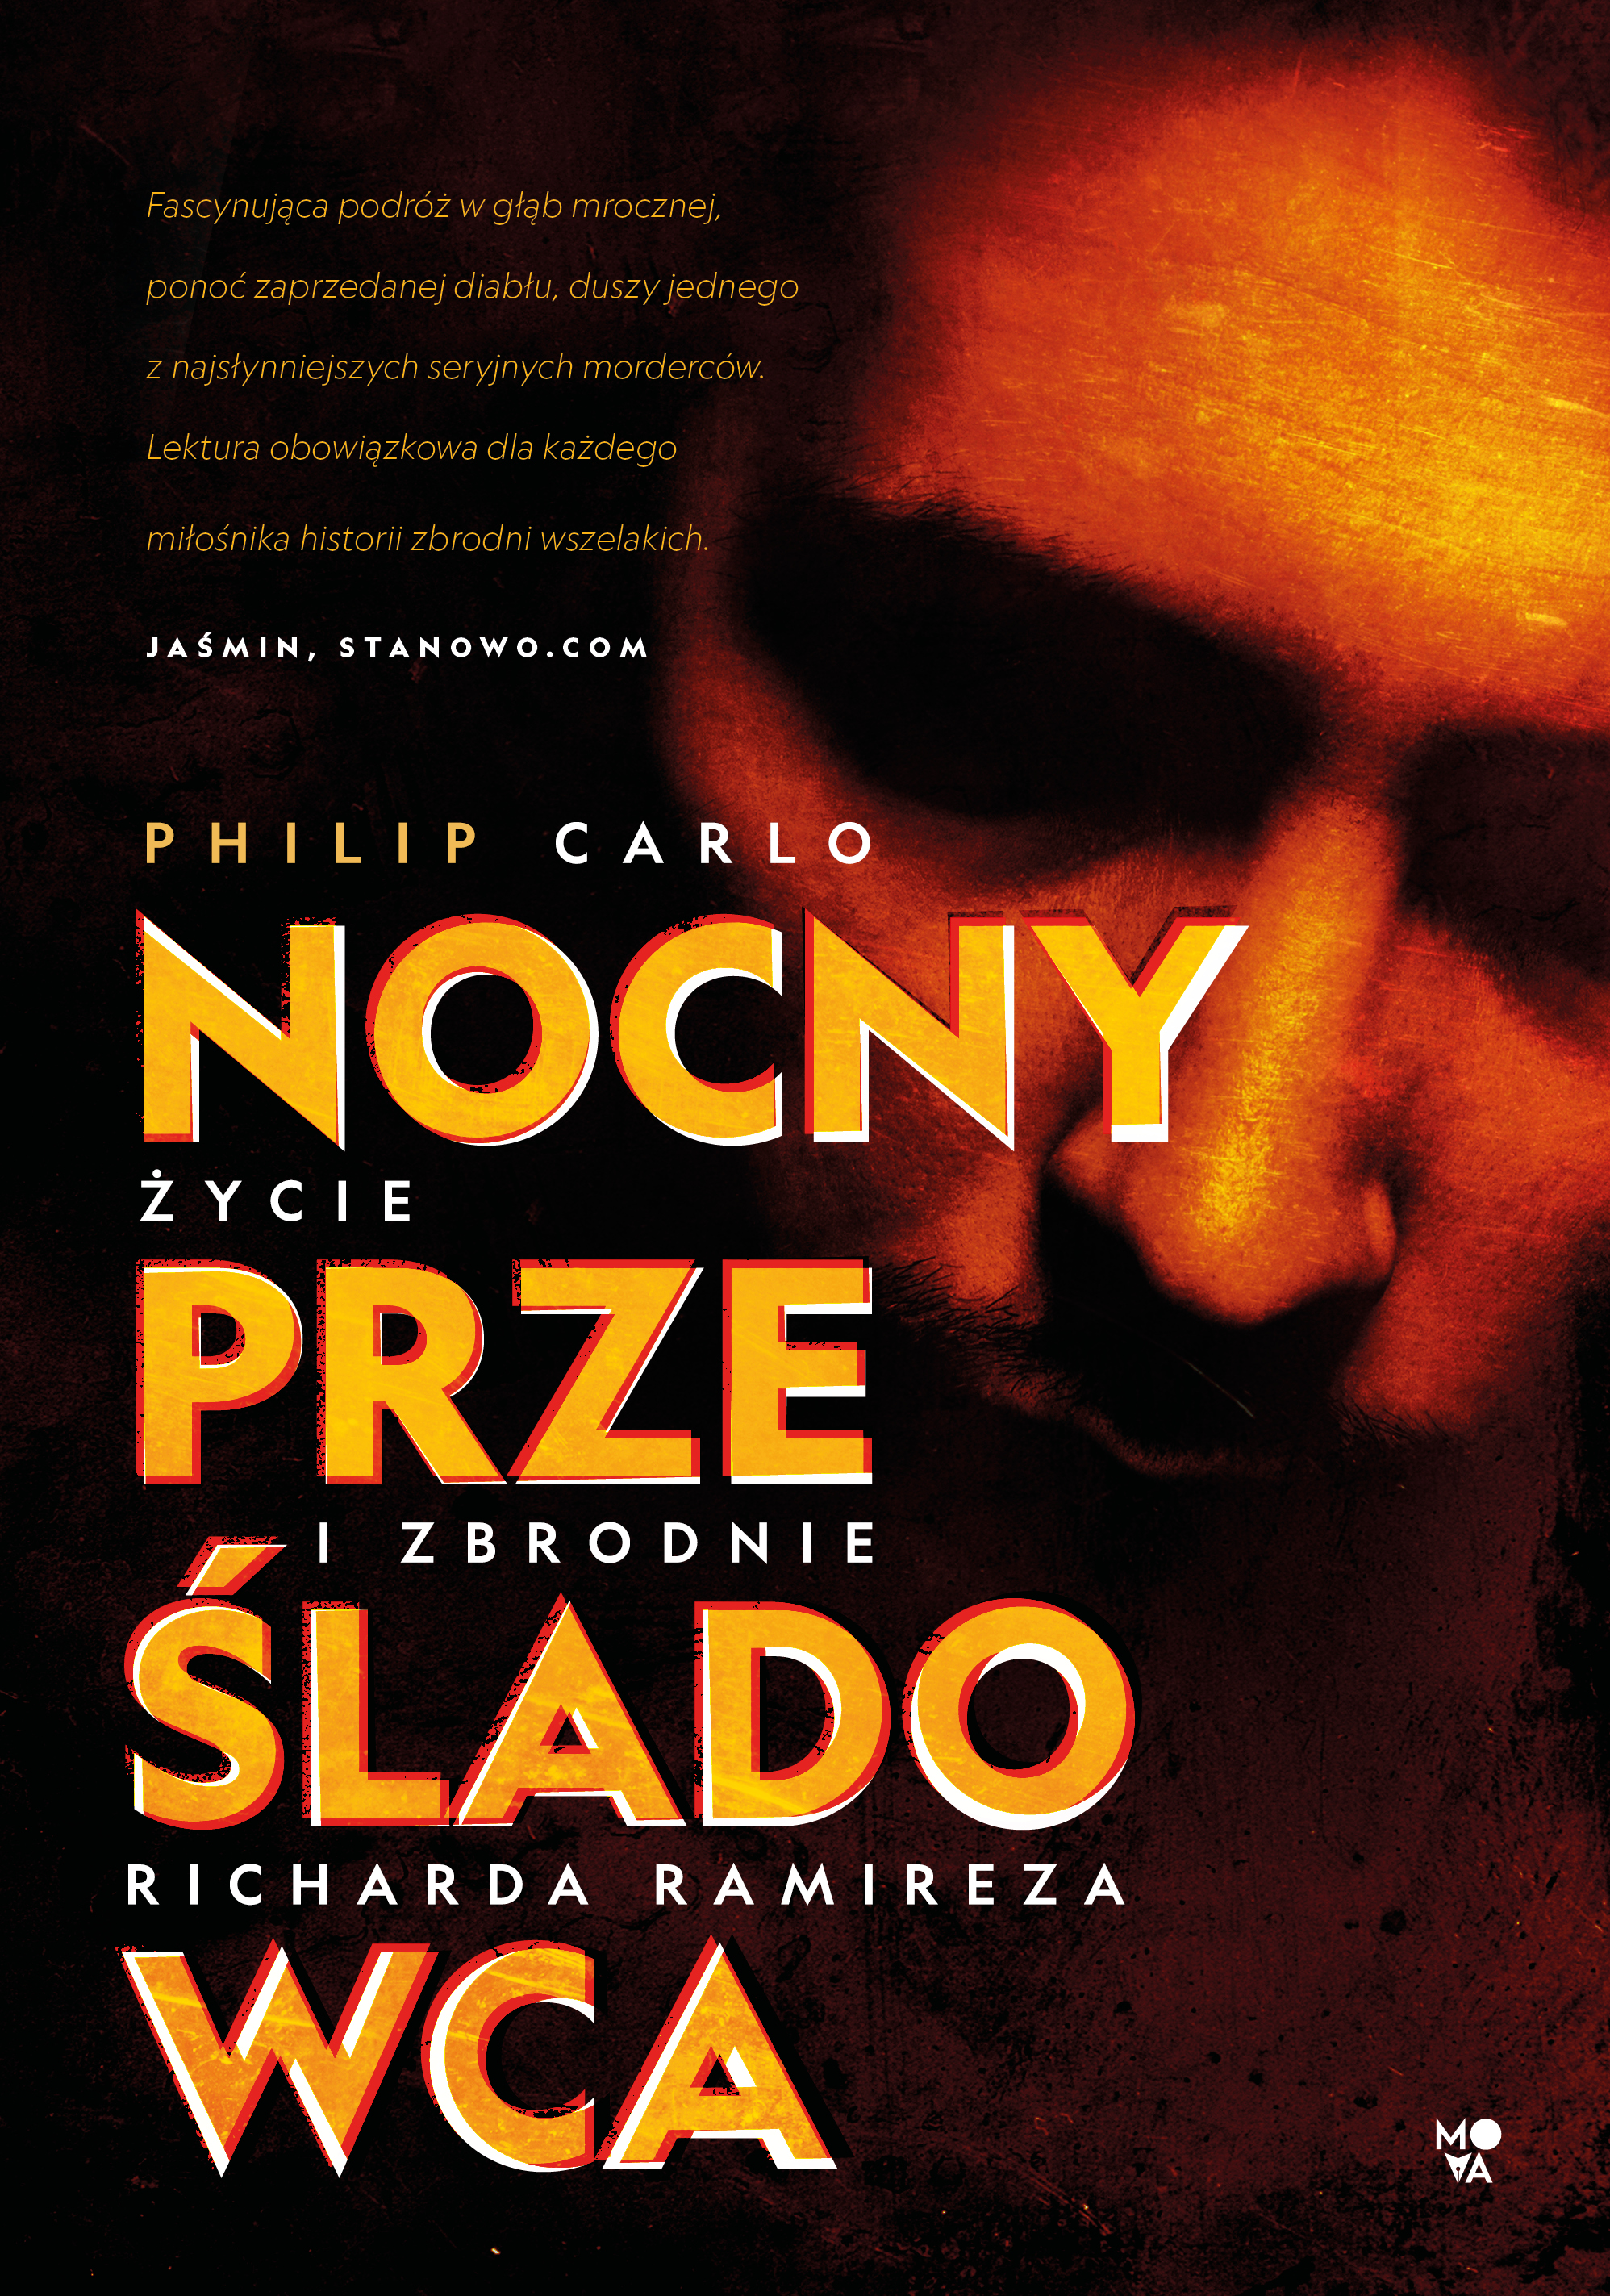 Nocny prześladowca. Życie i zbrodnie Richarda Ramireza